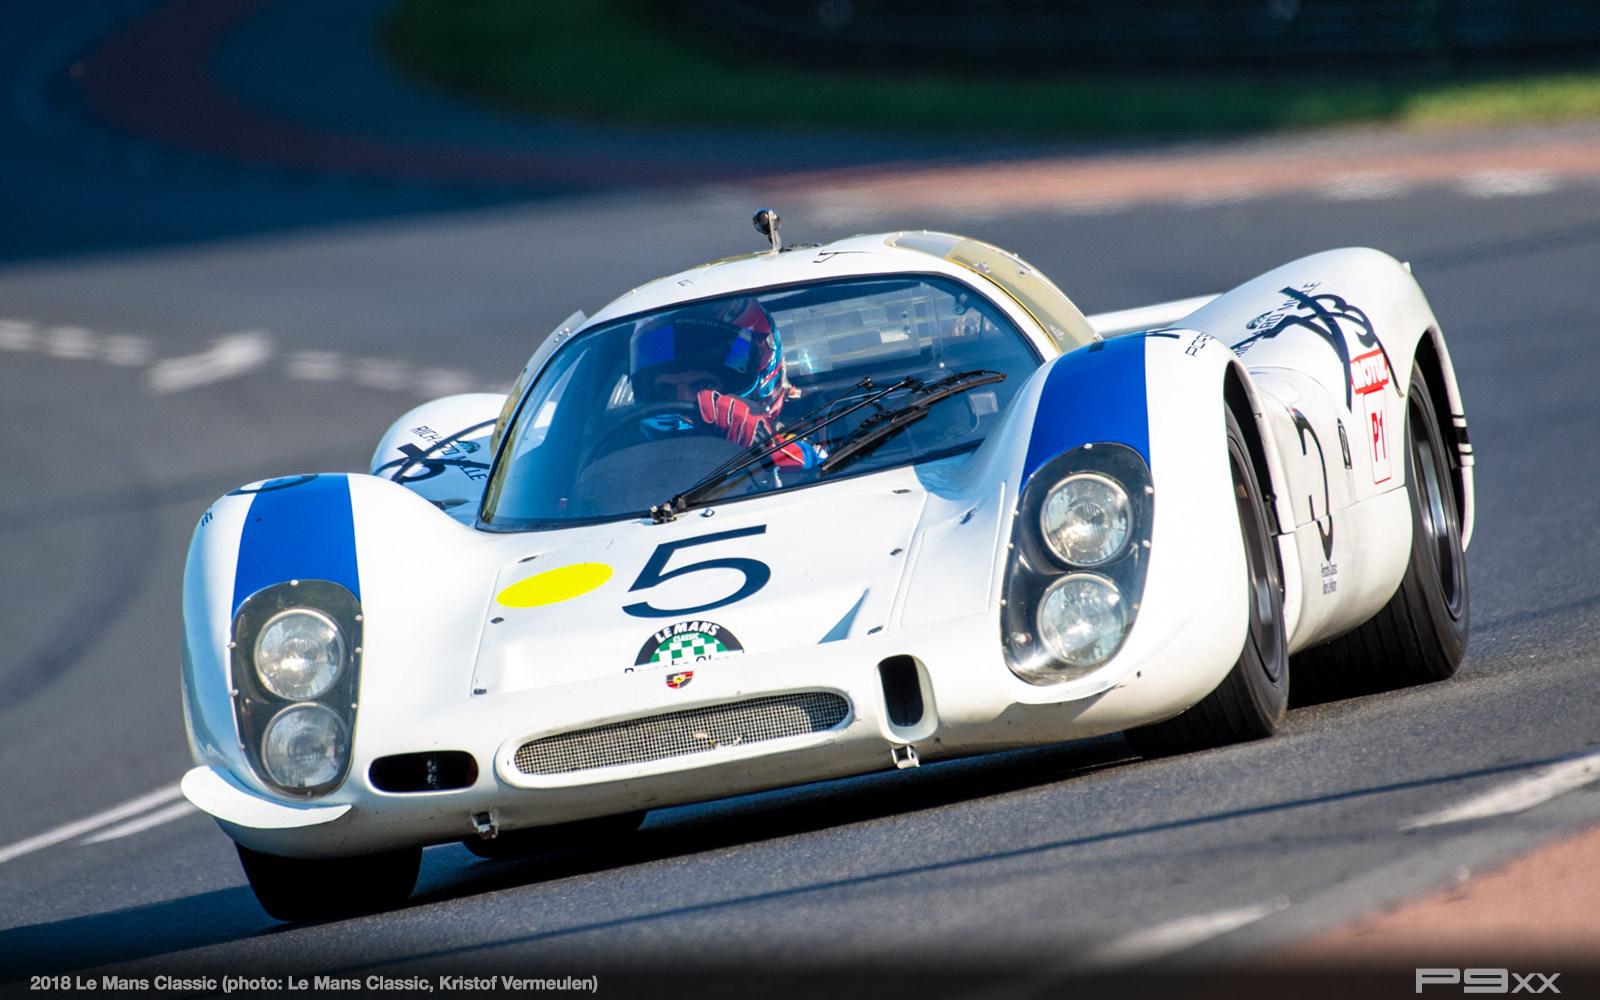 2018-Le-Mans-Classic-Porsche-297